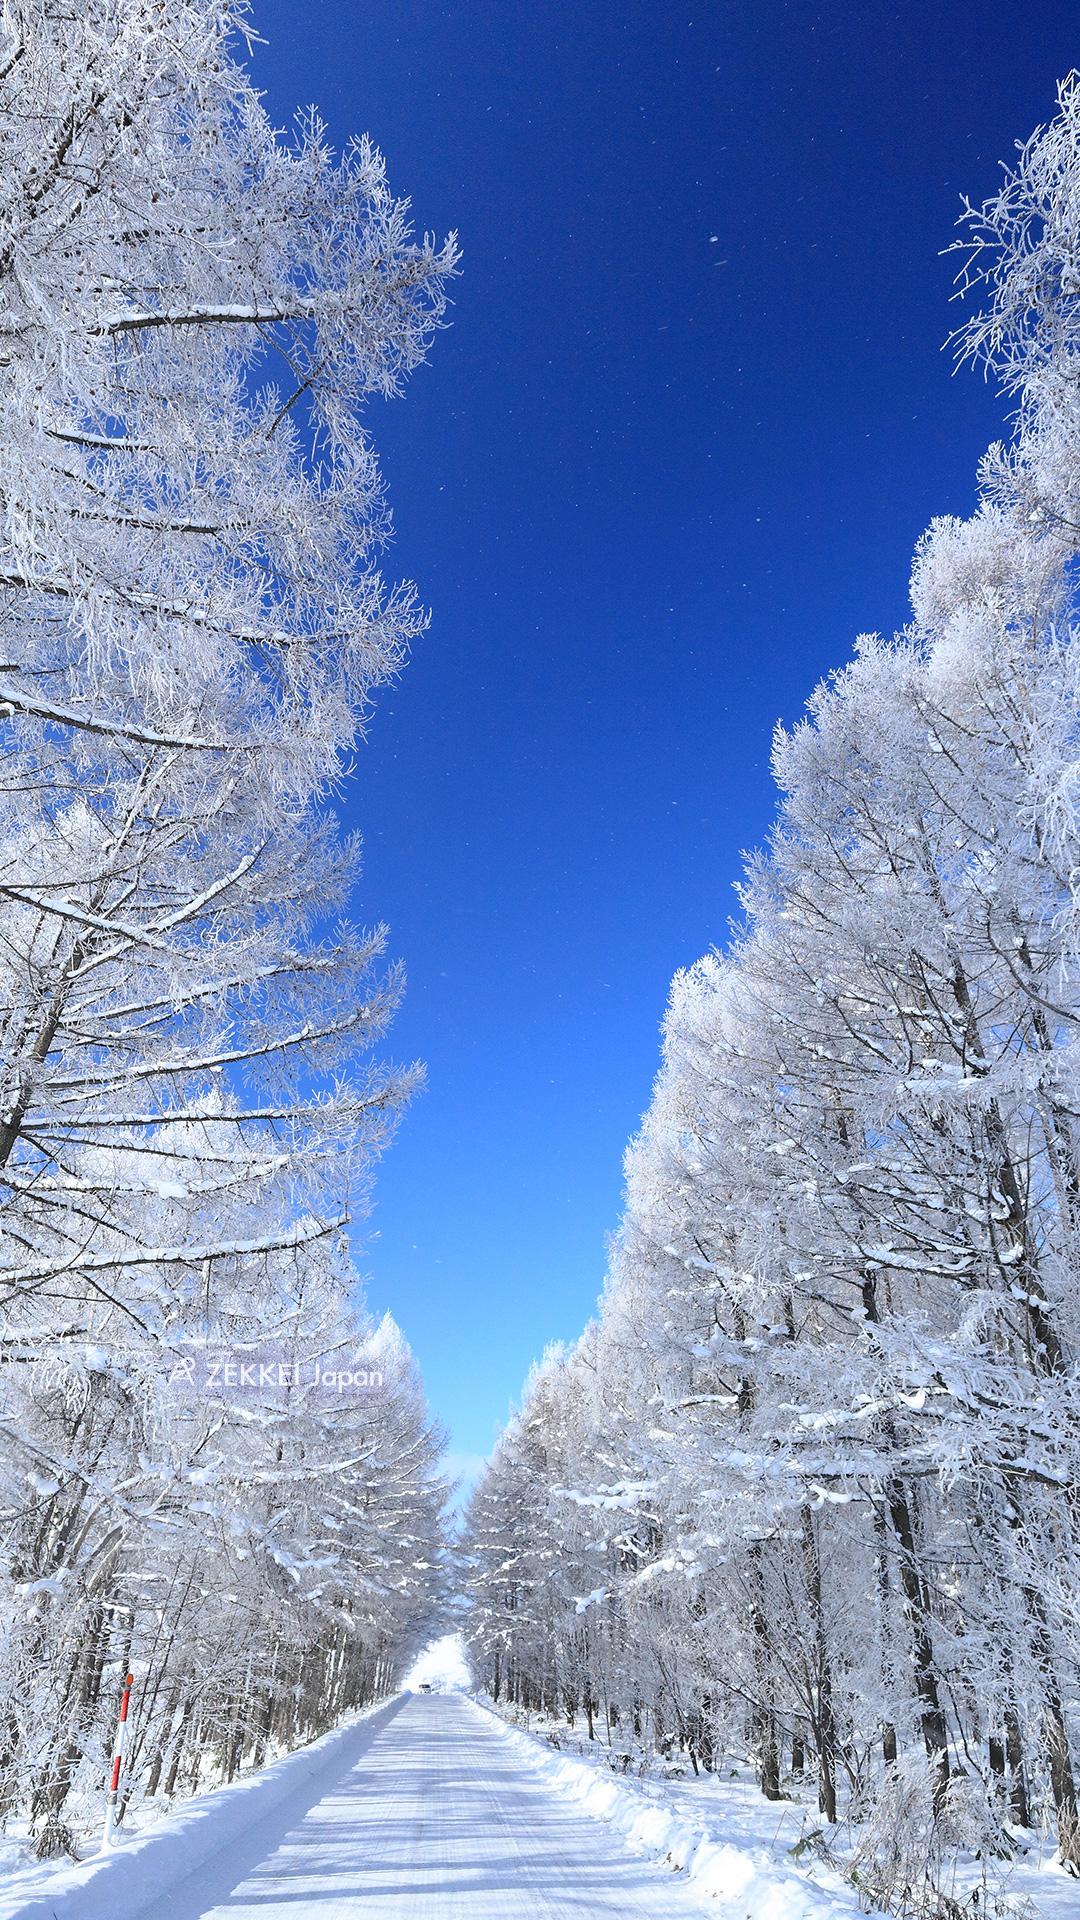 絕景桌布 銀白色世界美瑛桌布大放送 絕景日本